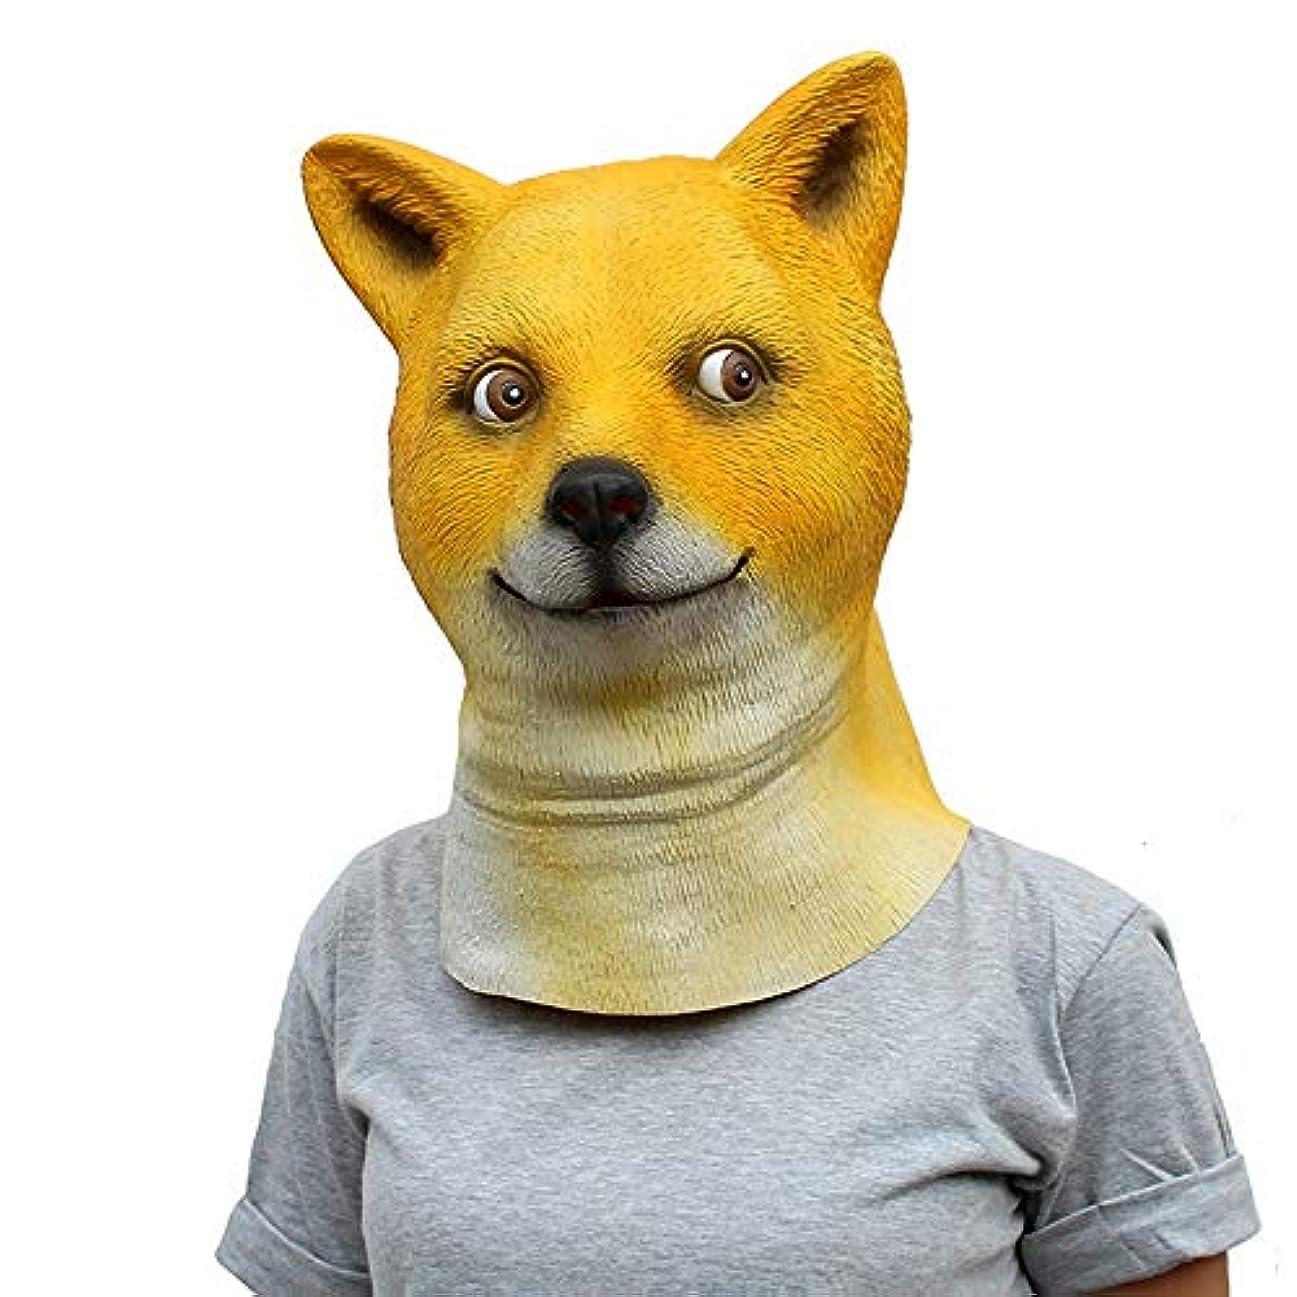 時刻表リダクターデュアルハロウィンラテックスマスクかわいい犬ヘッドマスクバーダンスパーティー小道具フェイスマスク